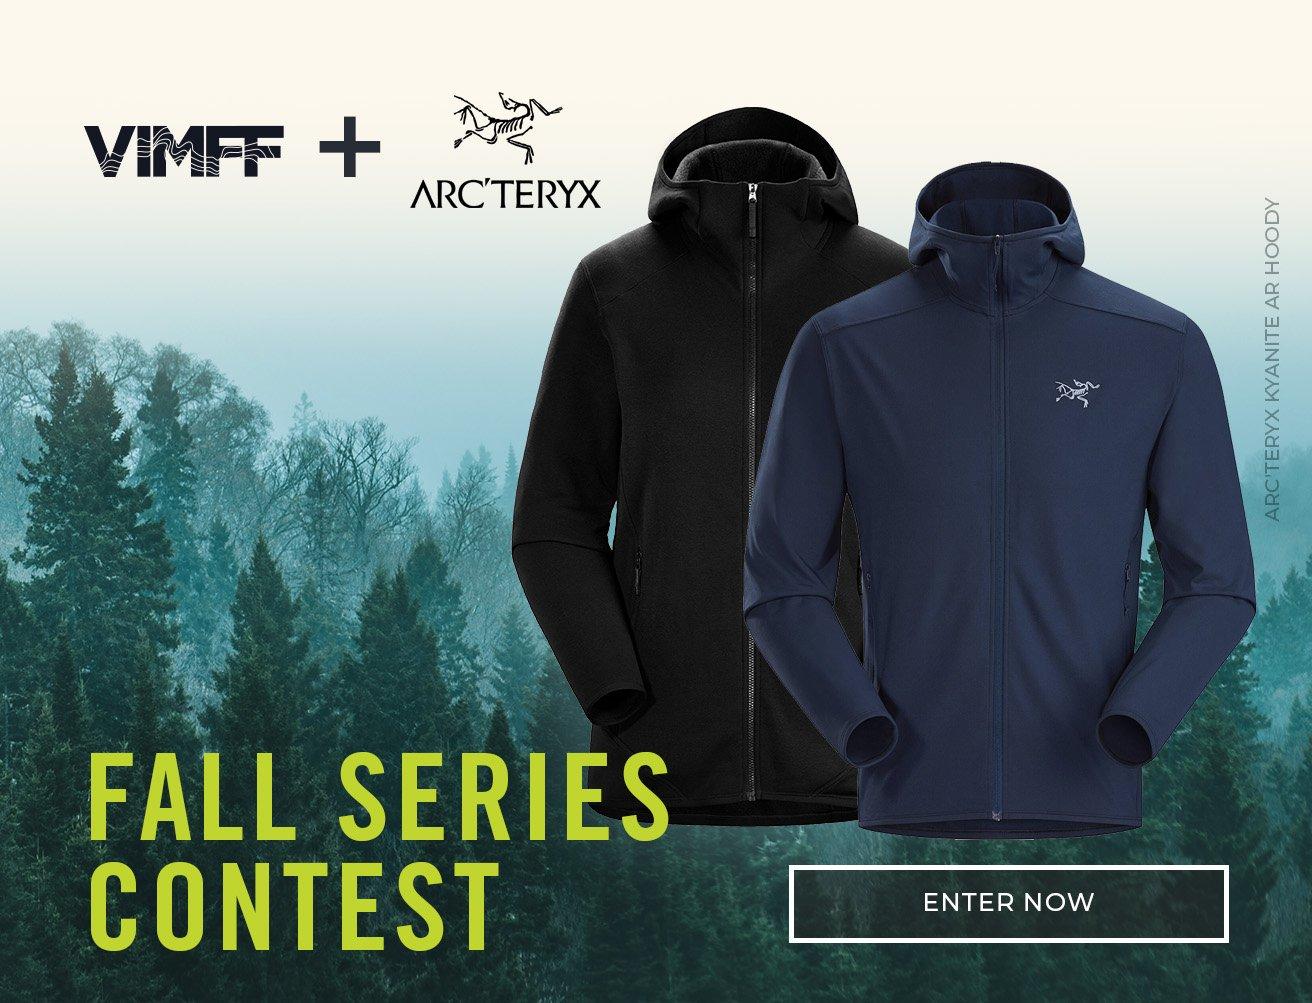 VIMFF fall series arcteryx contest cta x